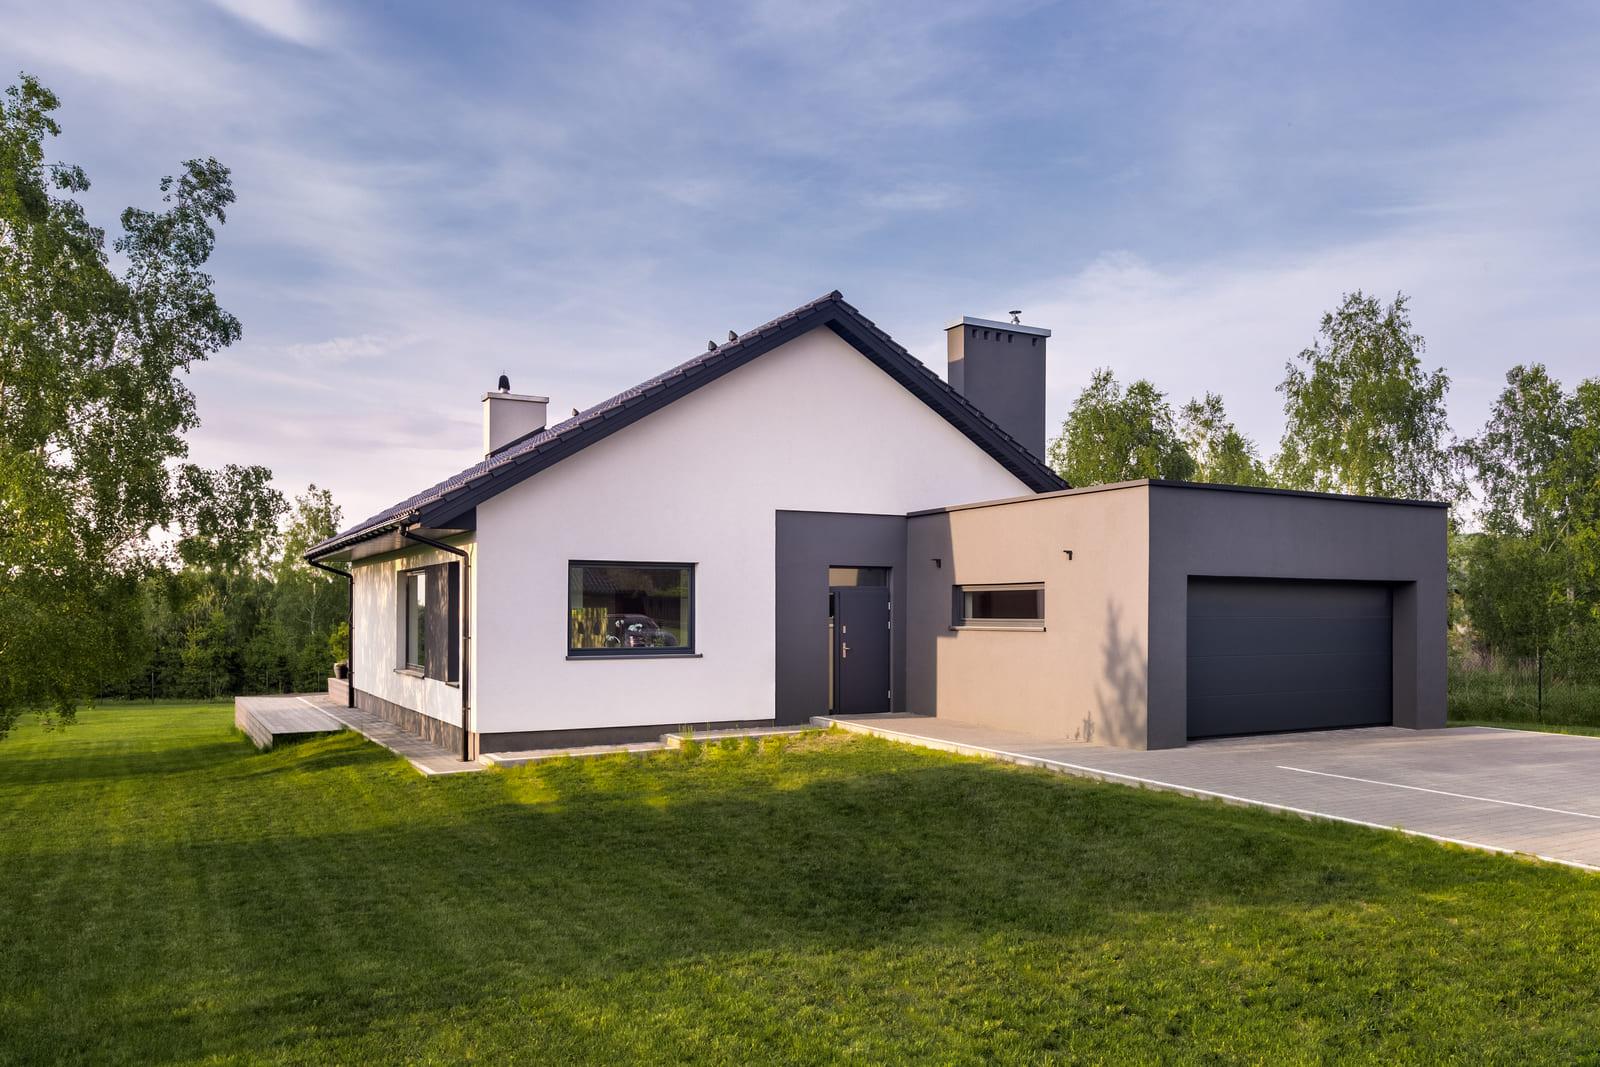 Maison Bois Avis constructeur de maisons individuelles en lorraine et rhône